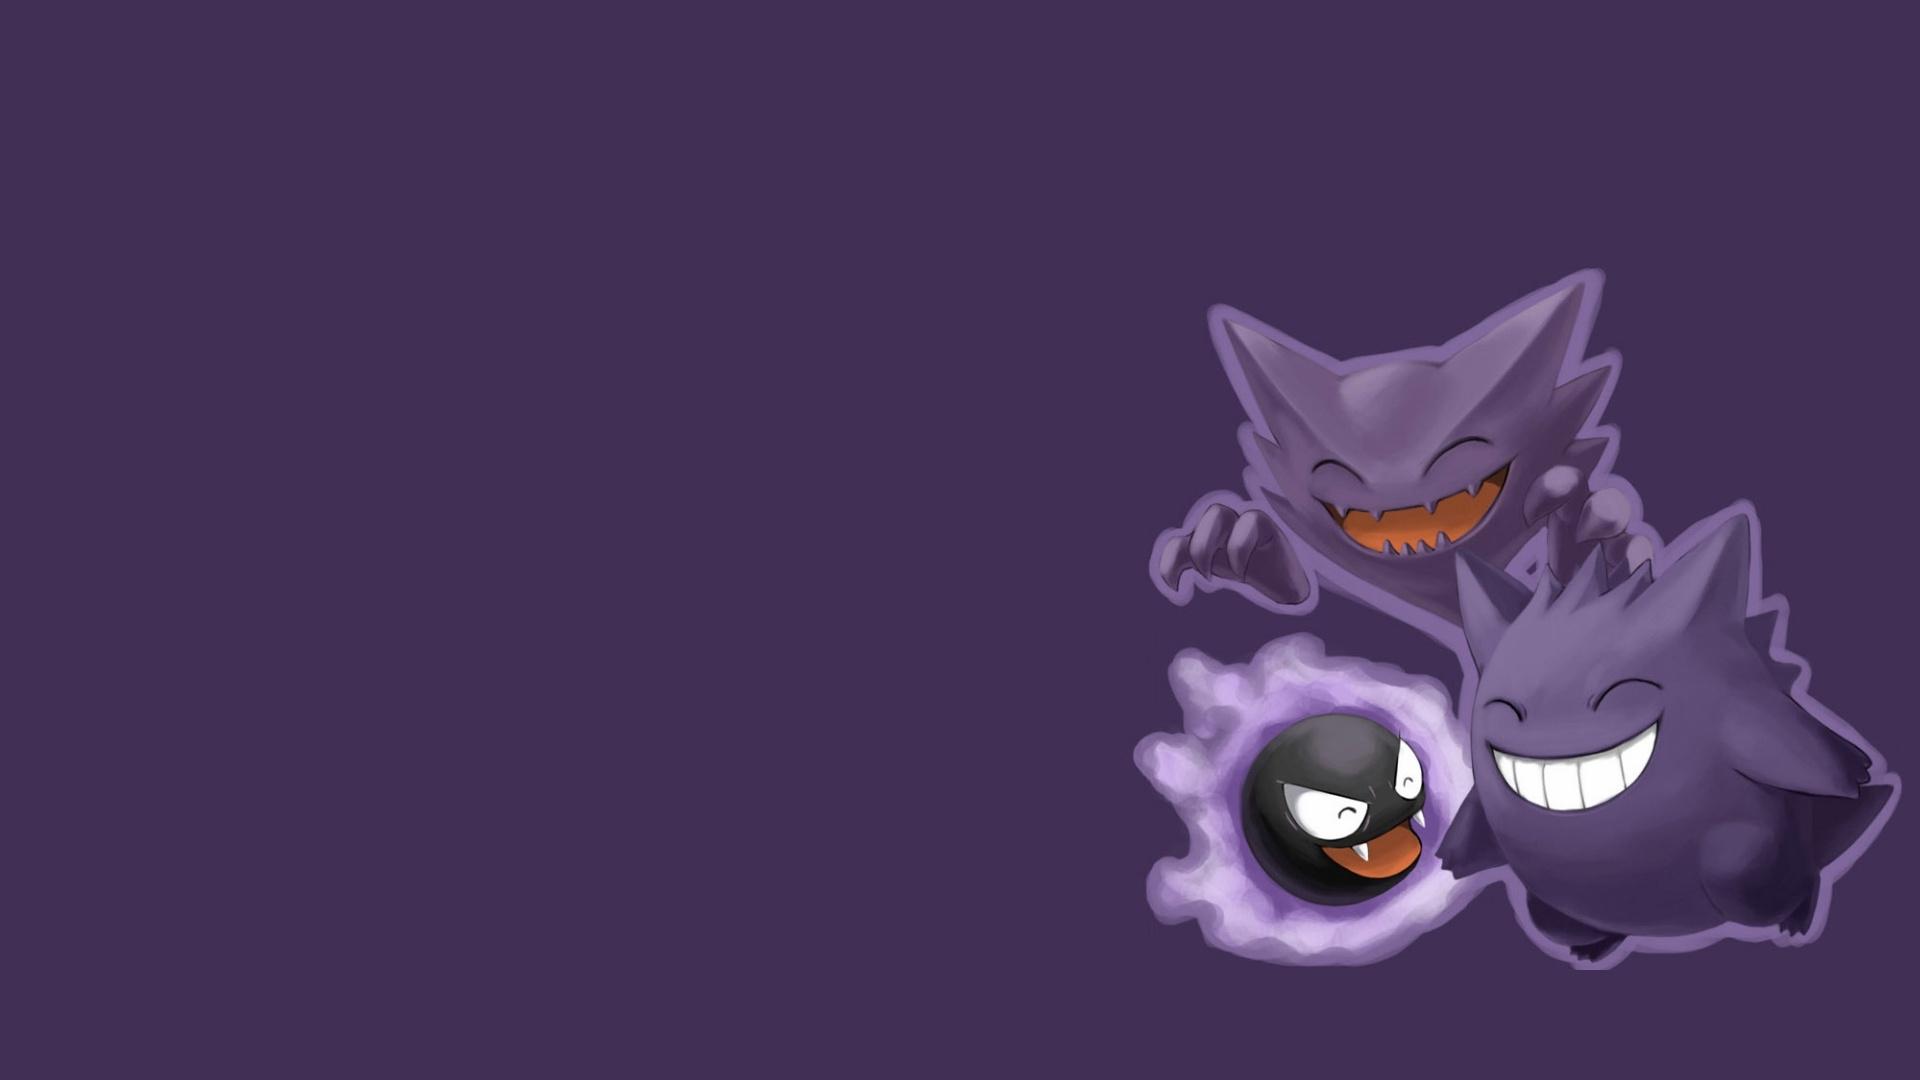 Wallpaper For Laptop Pokemon